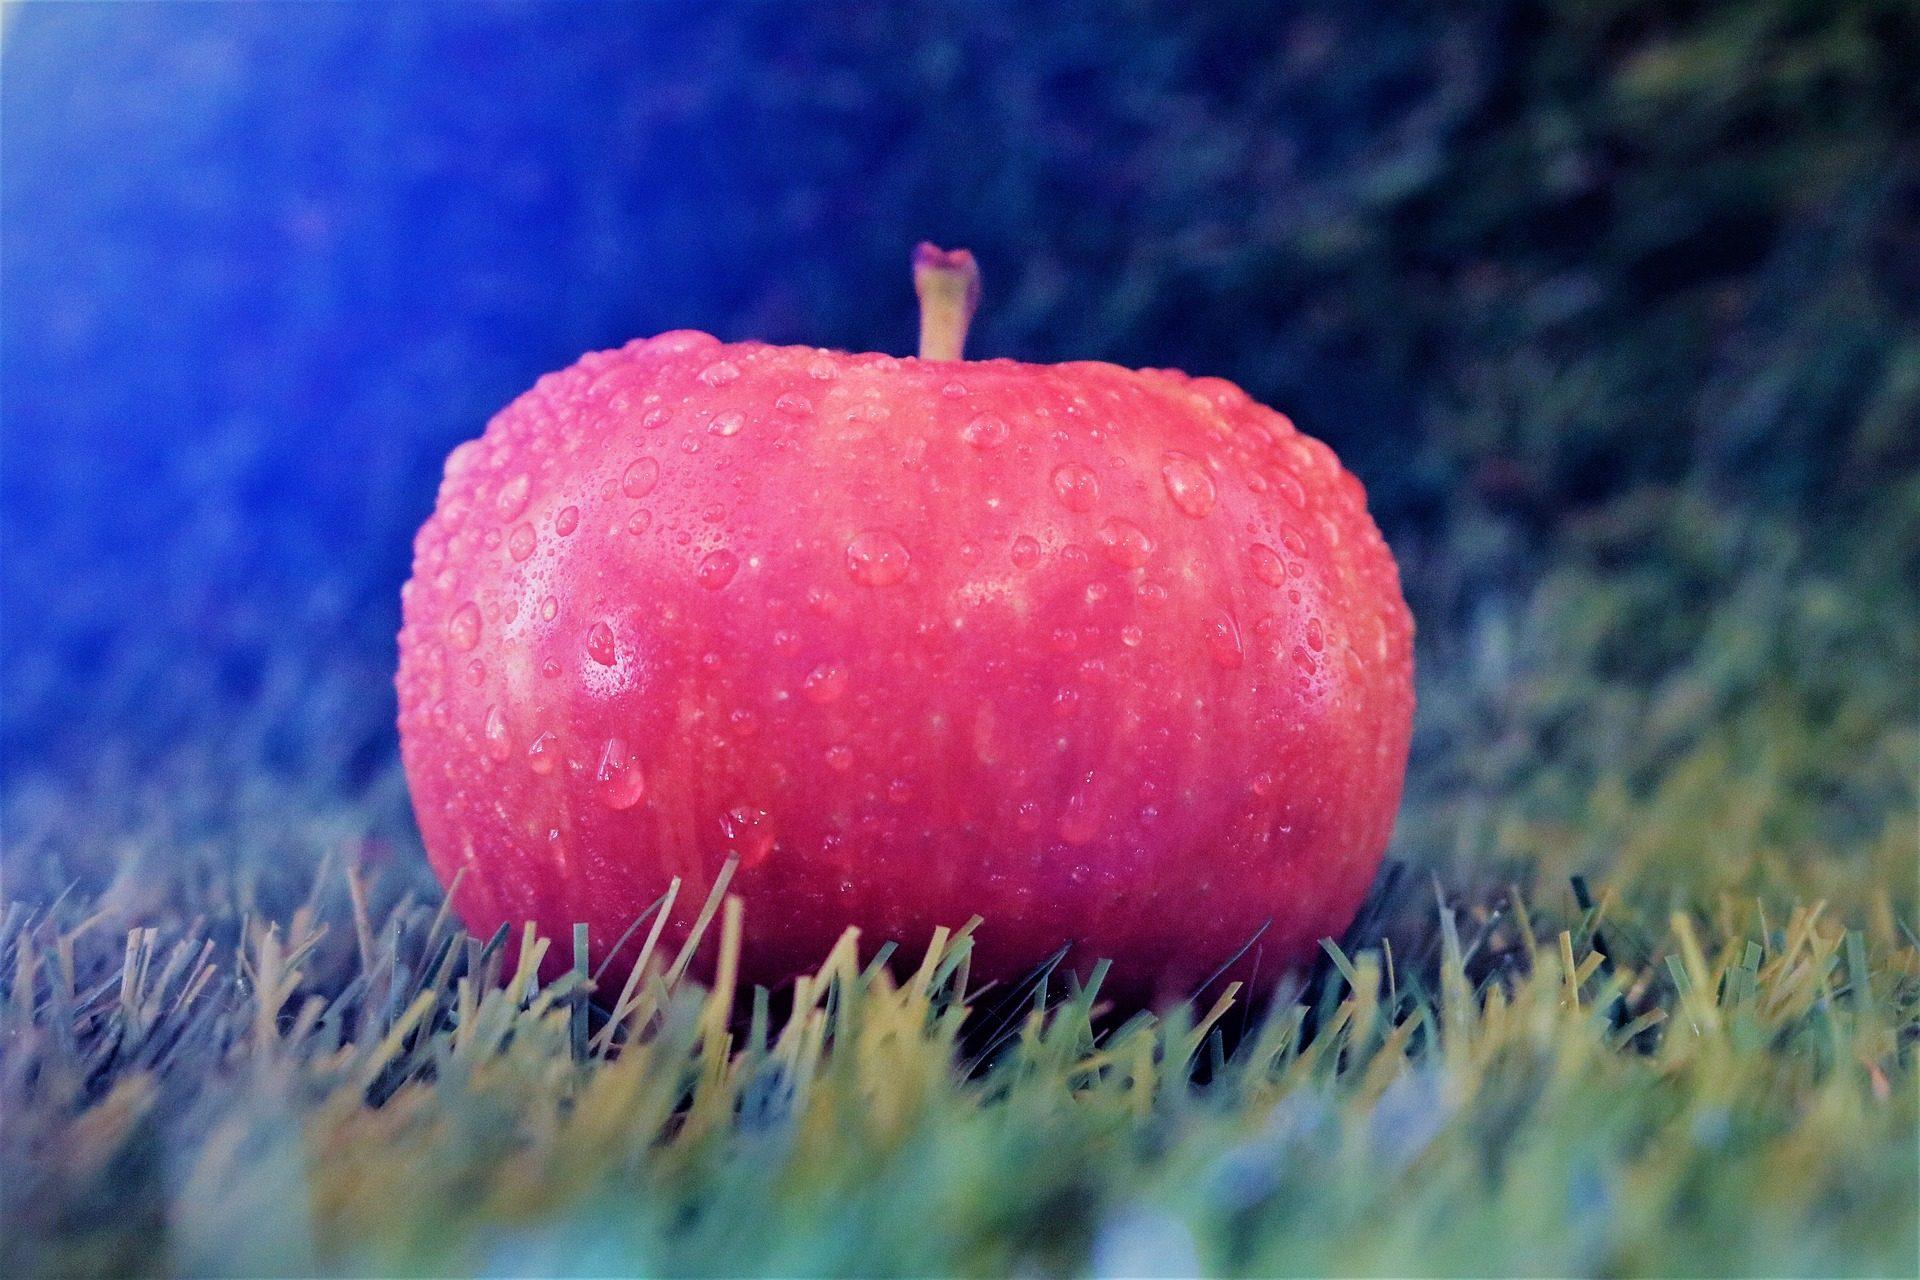 яблоко, капли, воды, трава, газон, яркость - Обои HD - Профессор falken.com